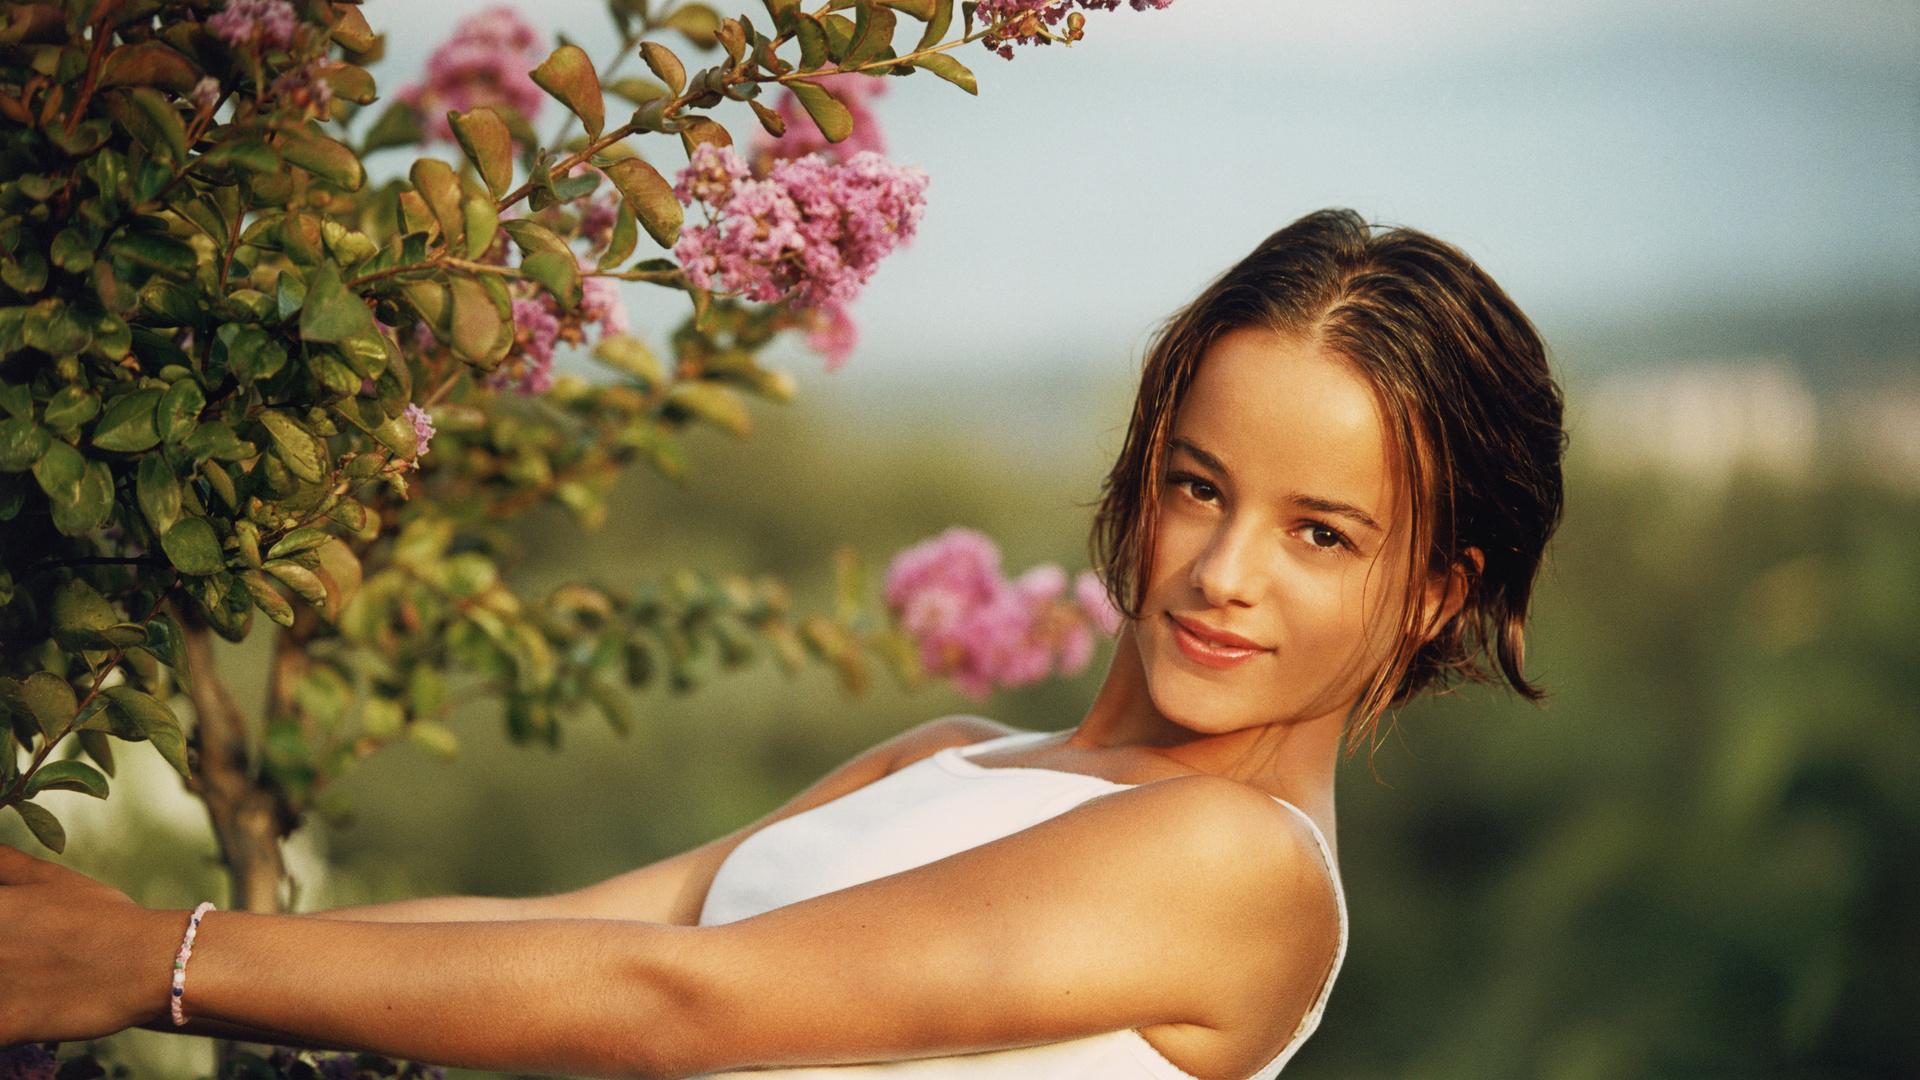 Молодая девушка в хорошем качестве